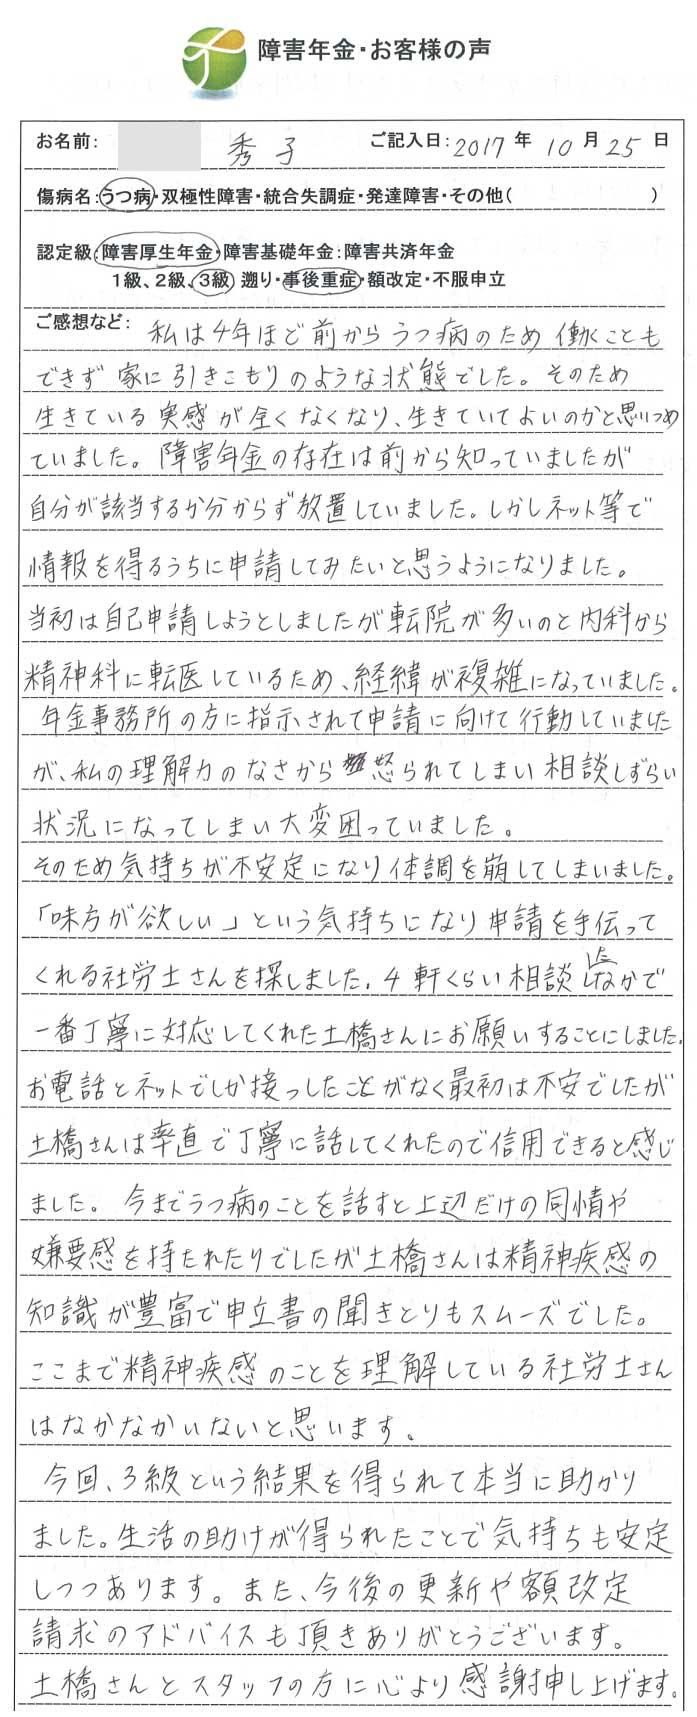 秀子様のご依頼から申請までの経過